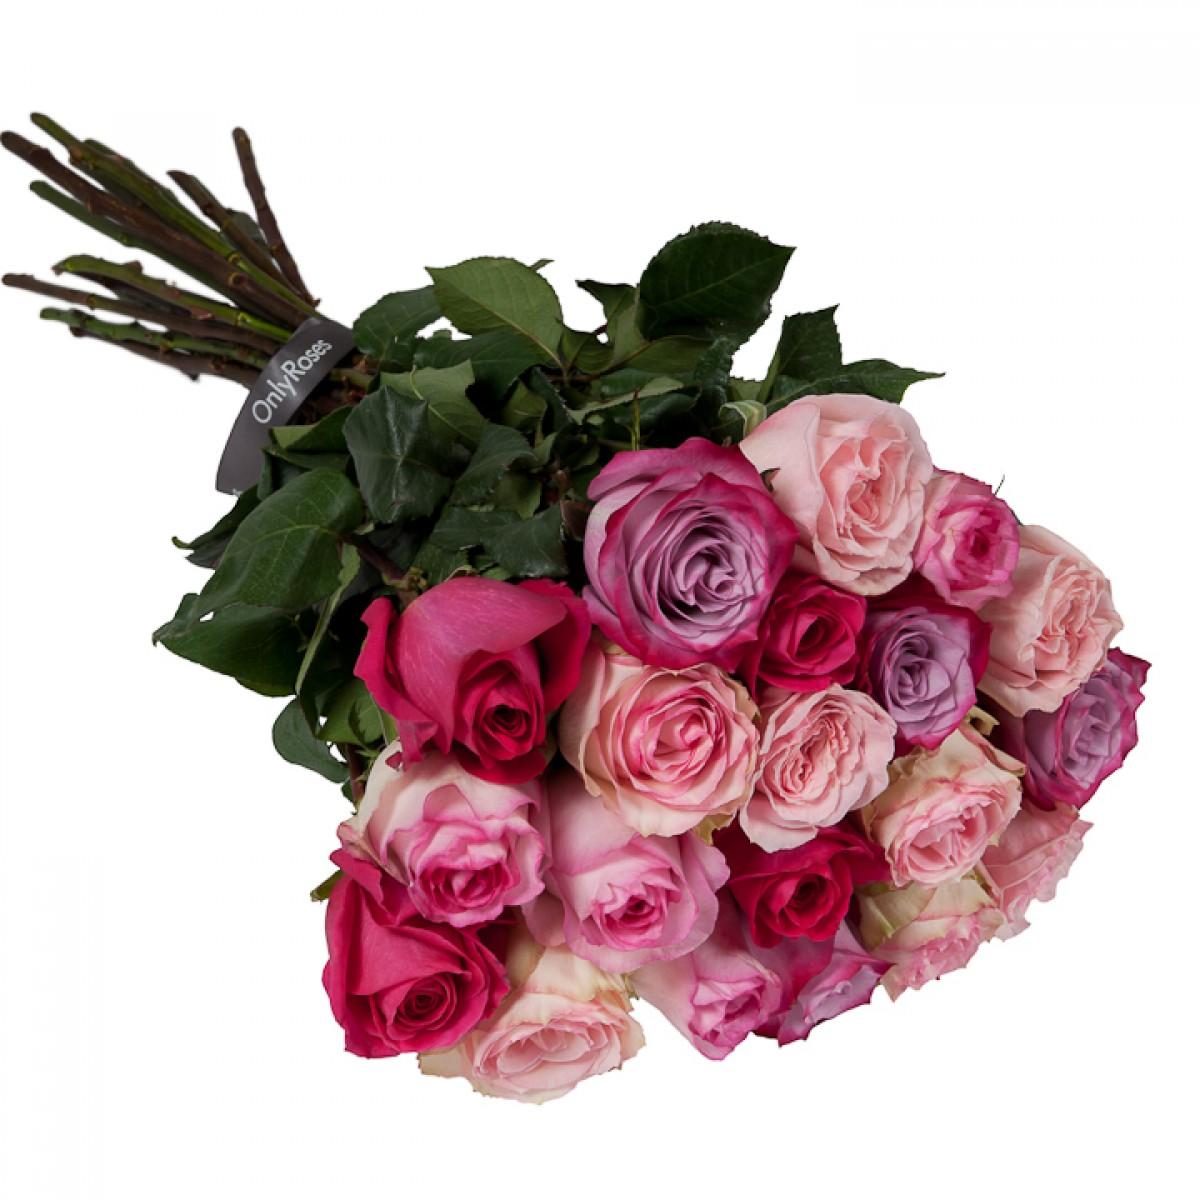 Букет от 11 до 15 рози розов микс (ти избираш броя)